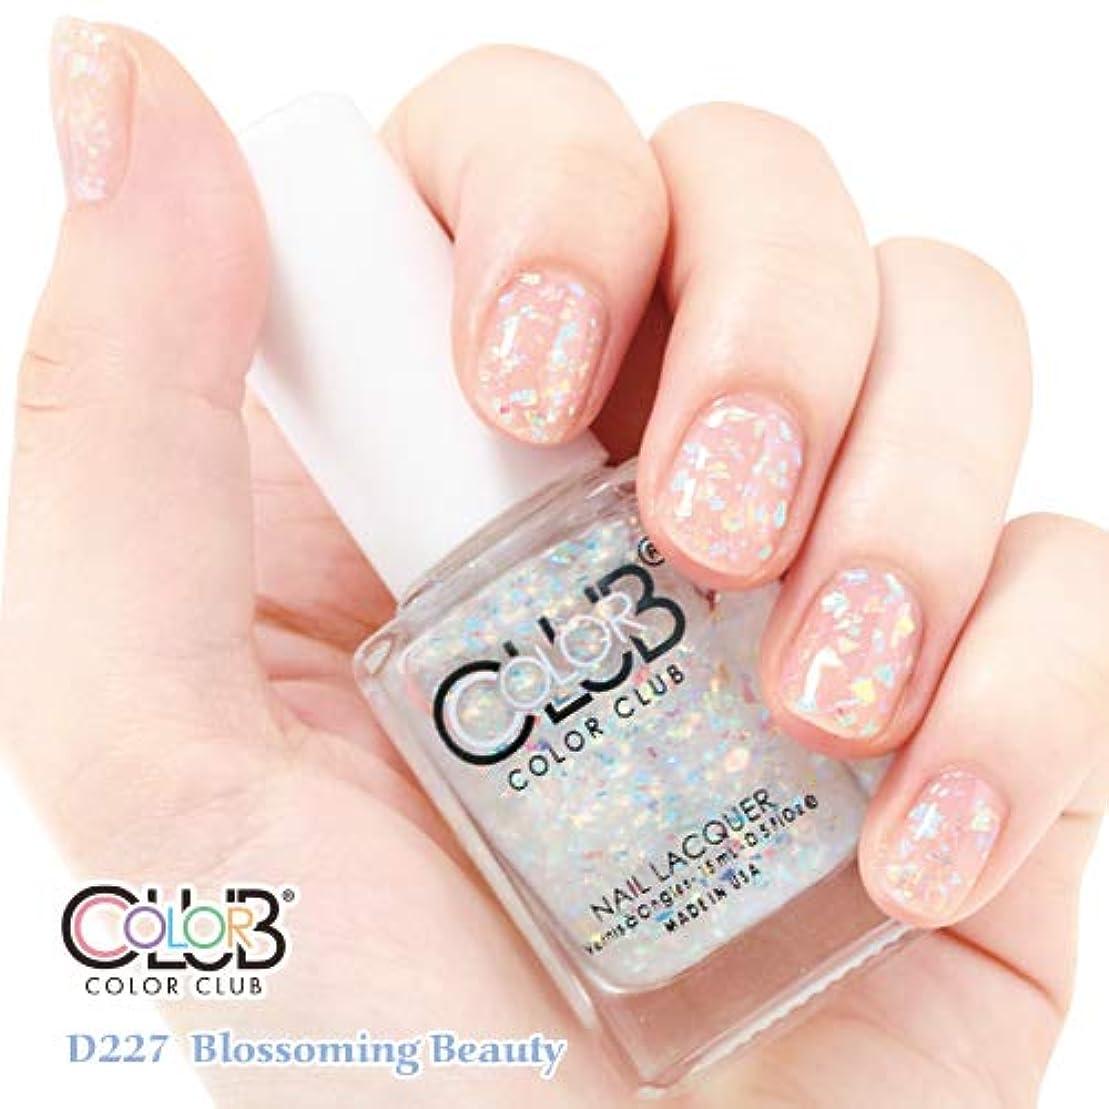 ファブリックトリプル味方forsythe COLOR CLUB フォーサイス カラークラブ D227/Blossoming Beauty